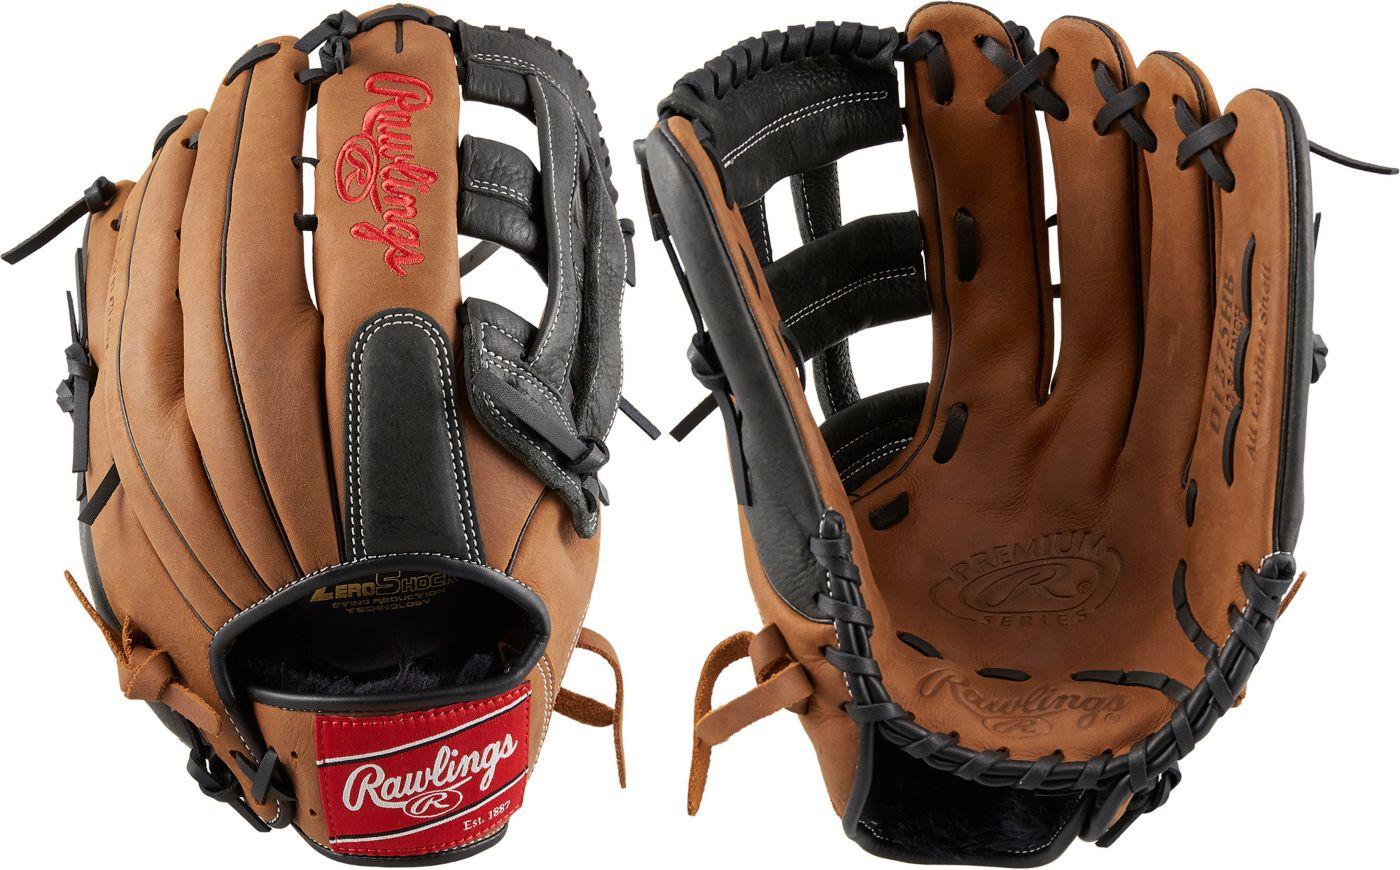 Rawlings 12.75'' Premium Series Glove 2019